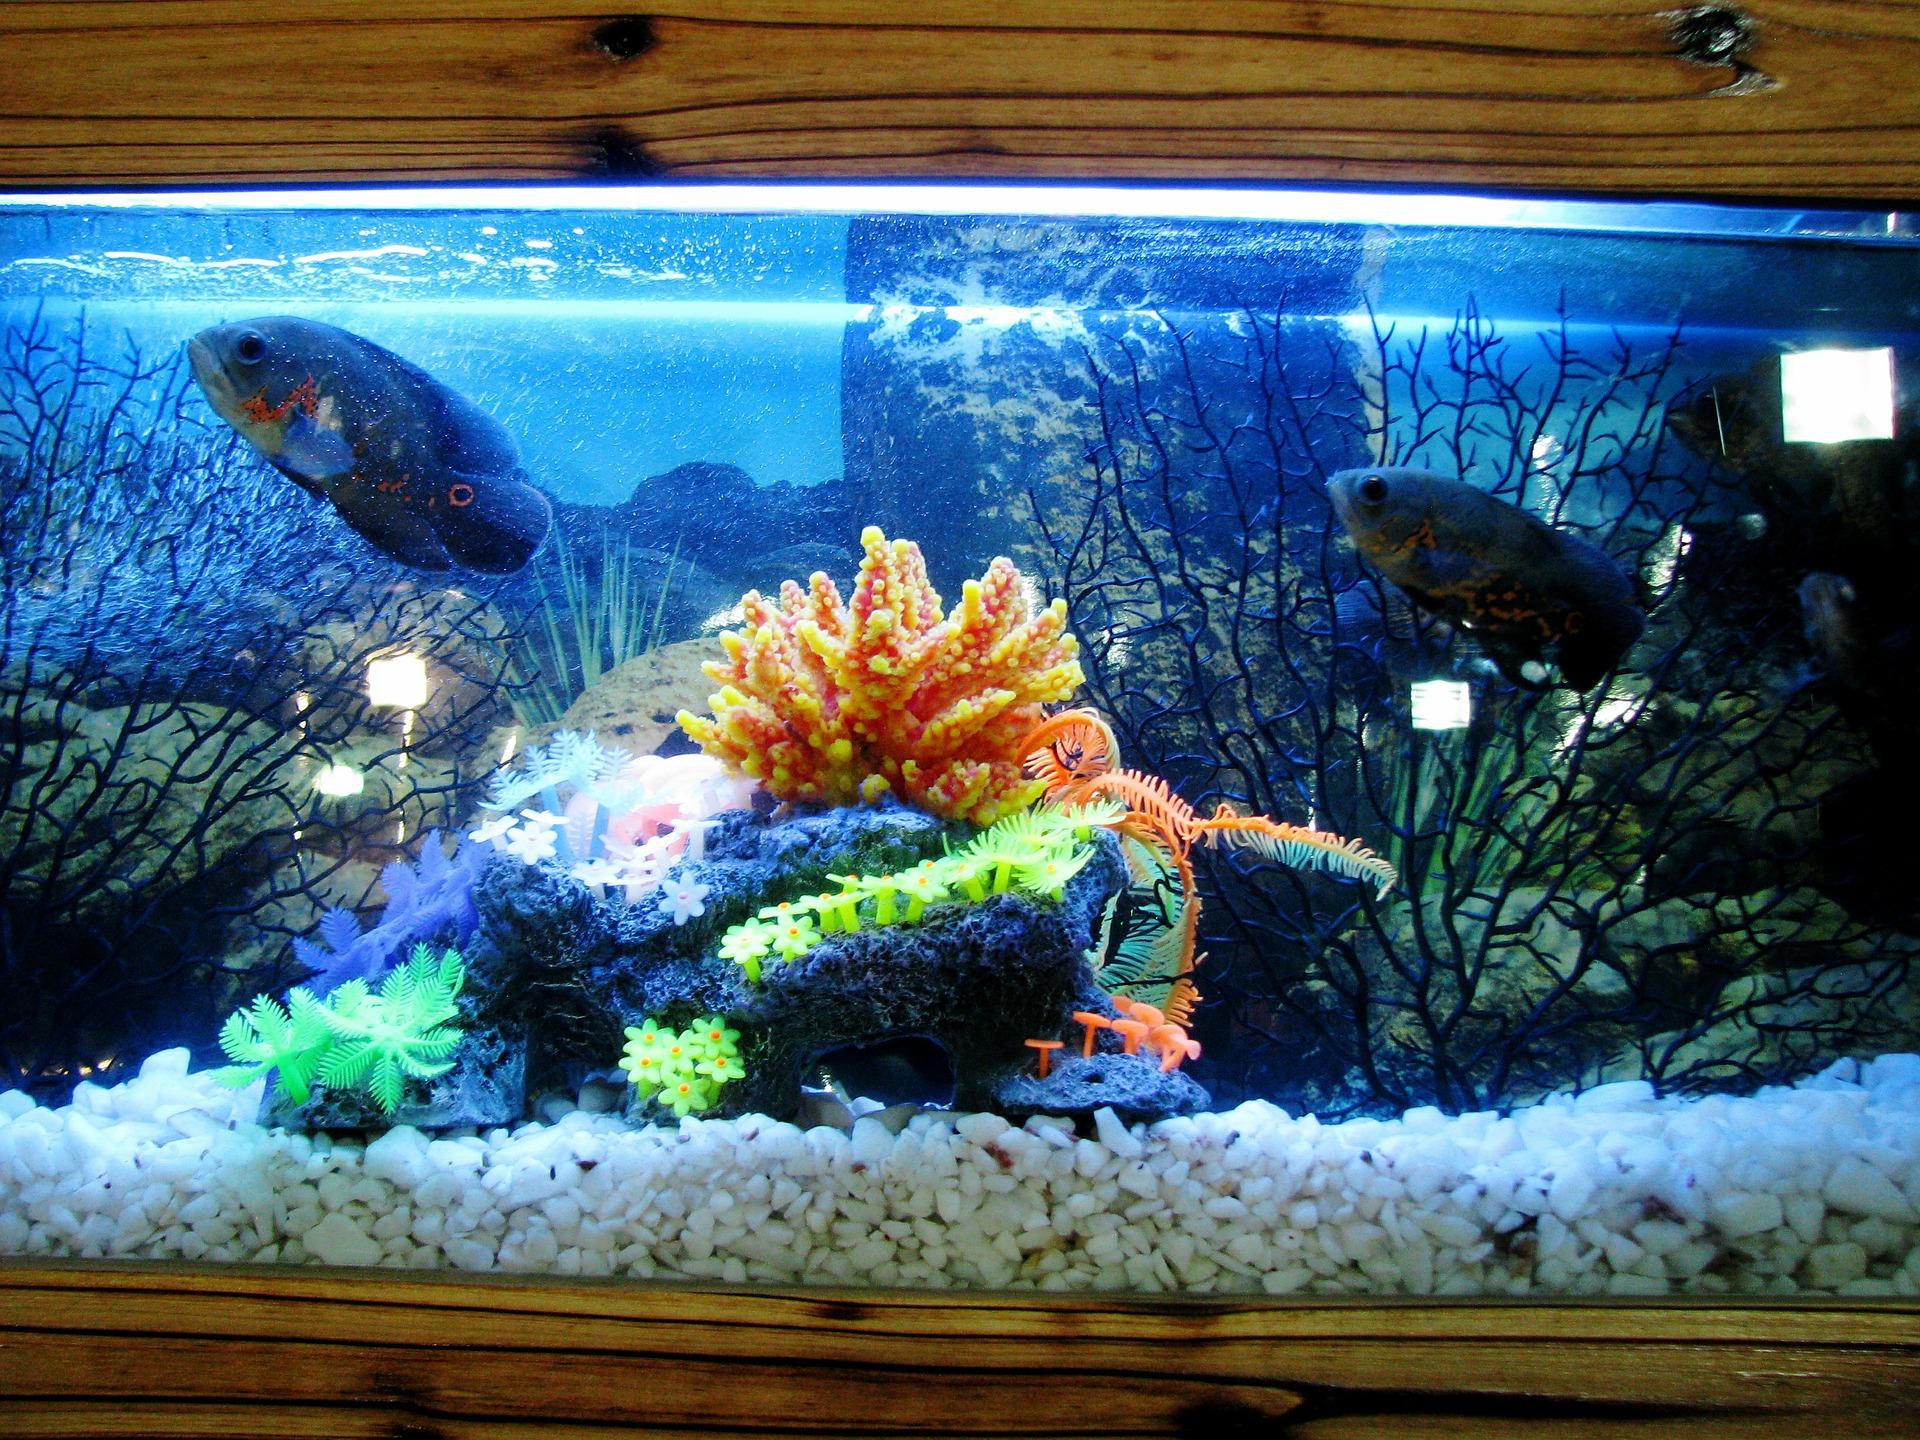 Sumps Or Refugiums The Love Aquarium